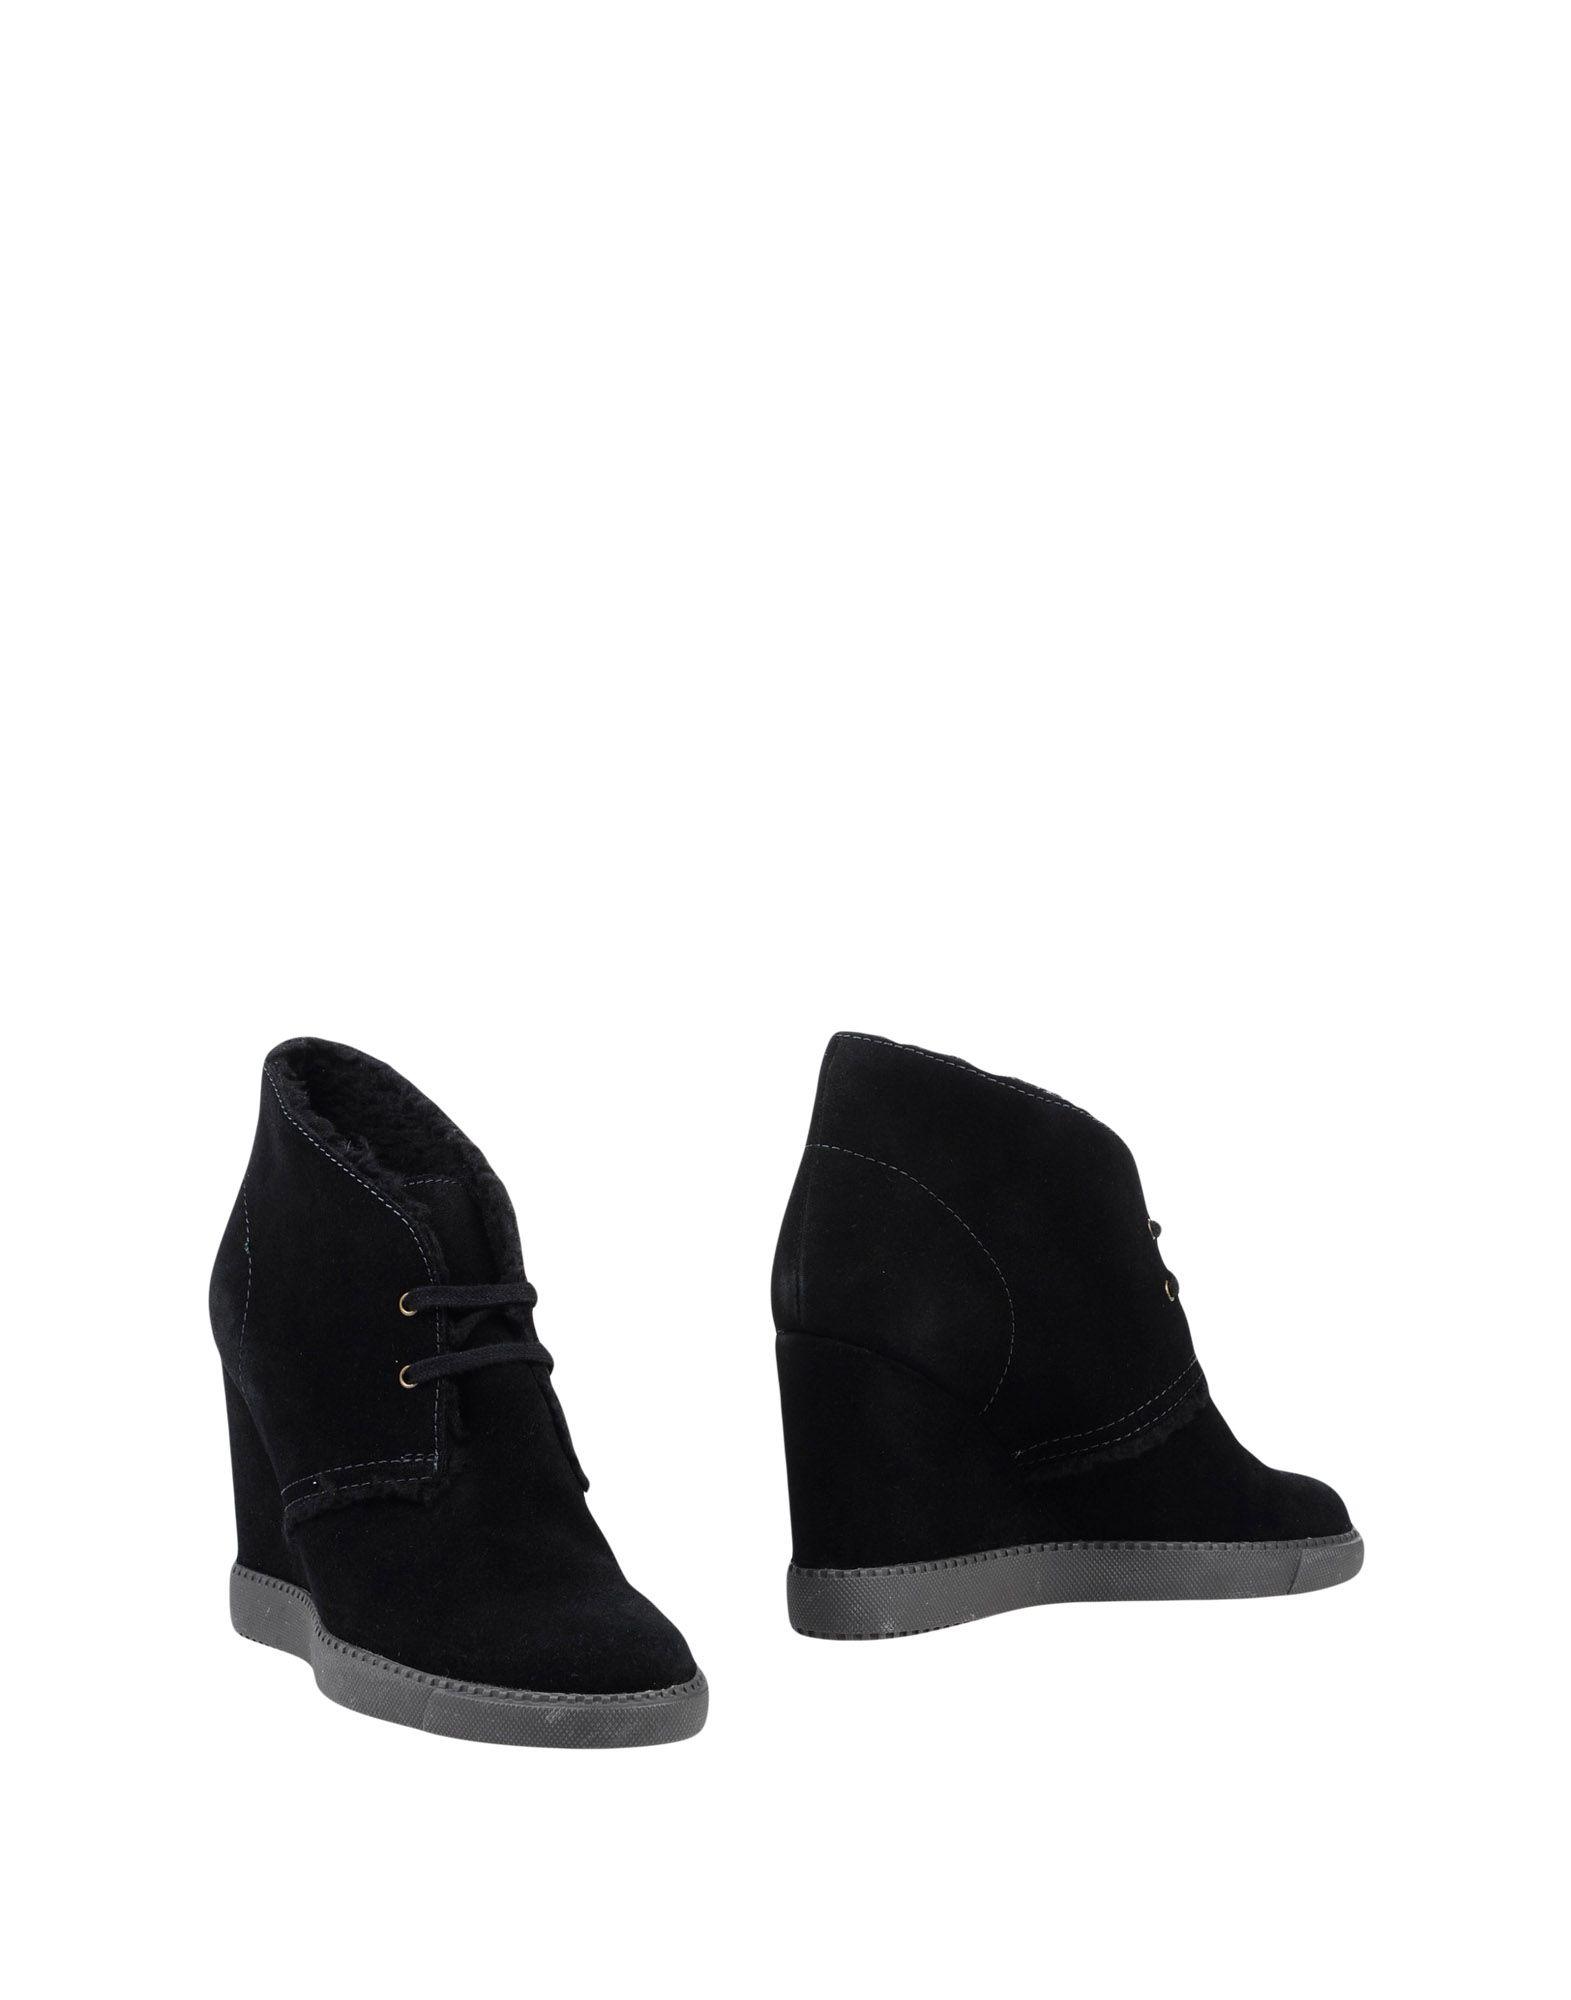 See By Chloé Stiefelette Damen  11380960UR Gute Qualität beliebte Schuhe